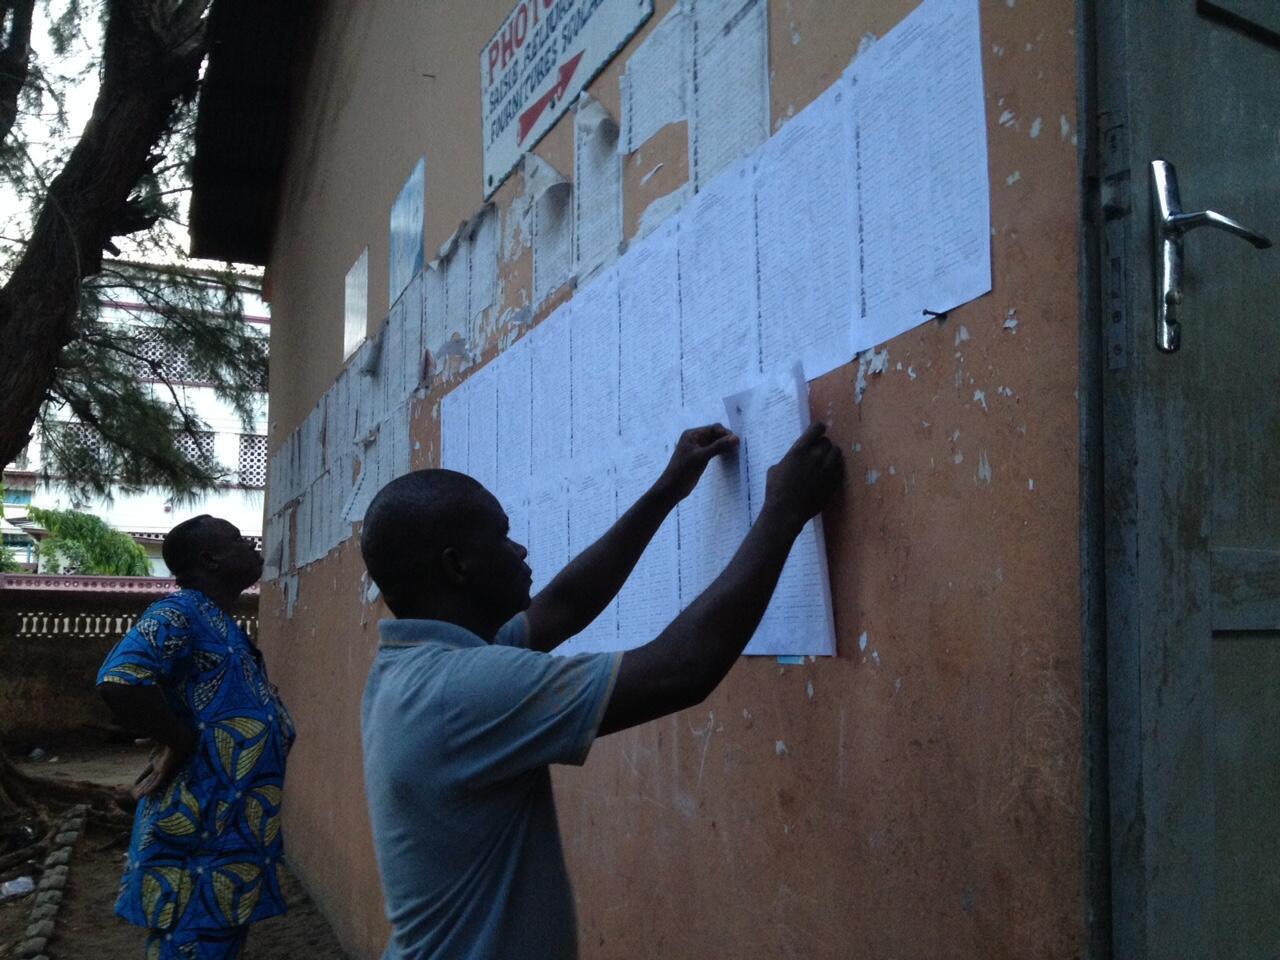 Au Bénin, les électeurs cherchent leur nom sur la liste affichée près de chaque bureau de vote pour les élections législatives, ici à Cotonou le 26 avril 2015.